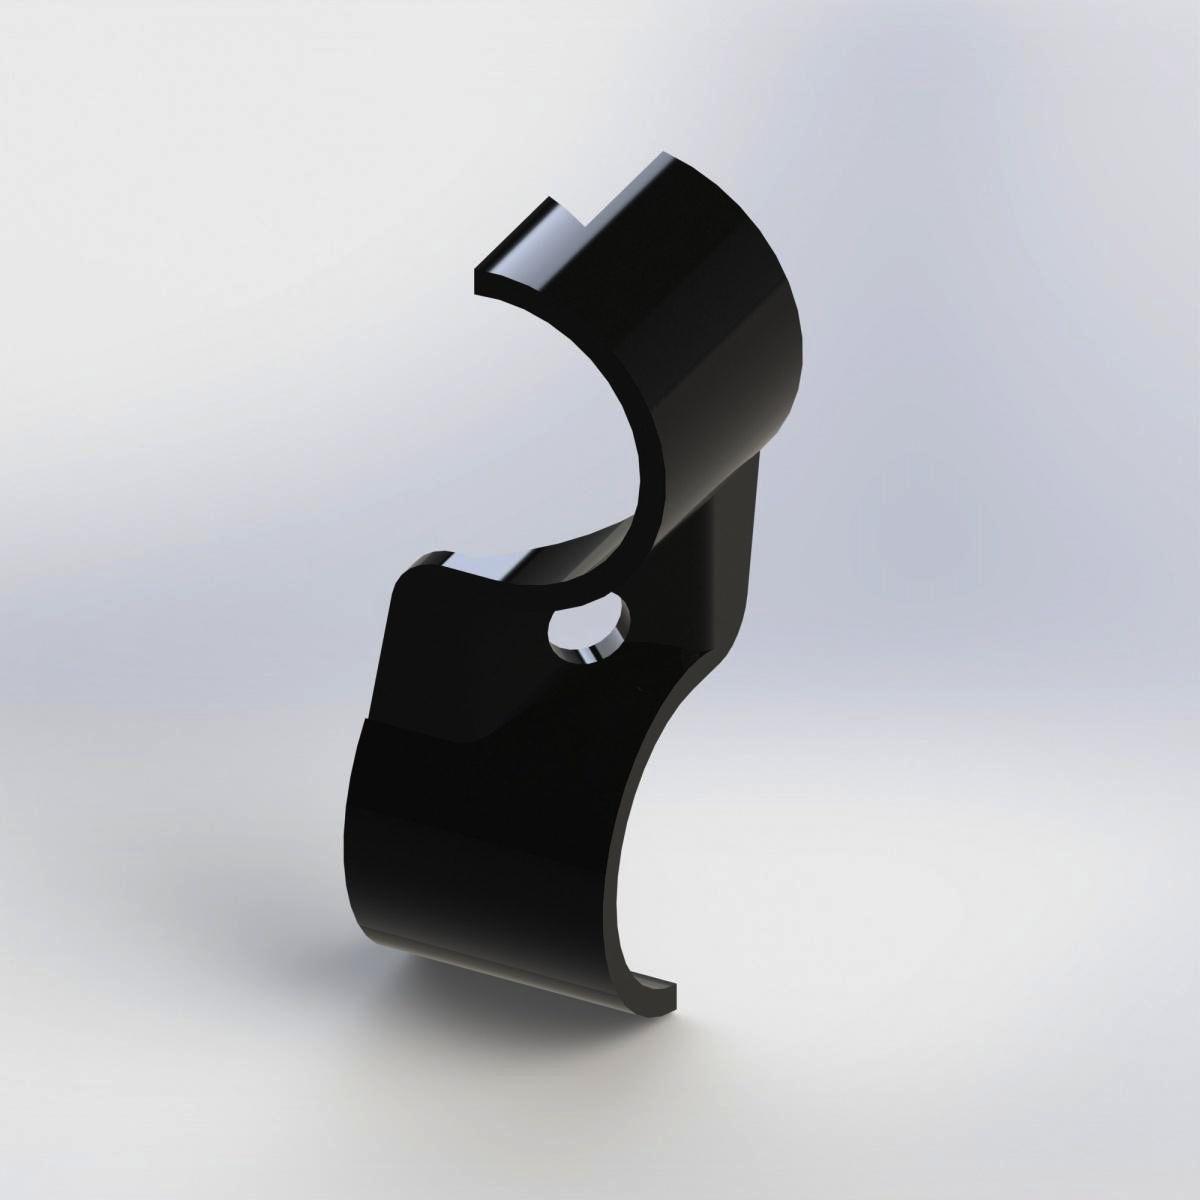 jual metal joint h-7 PC connector murah berkualitas, pipe joint distributor jakarta